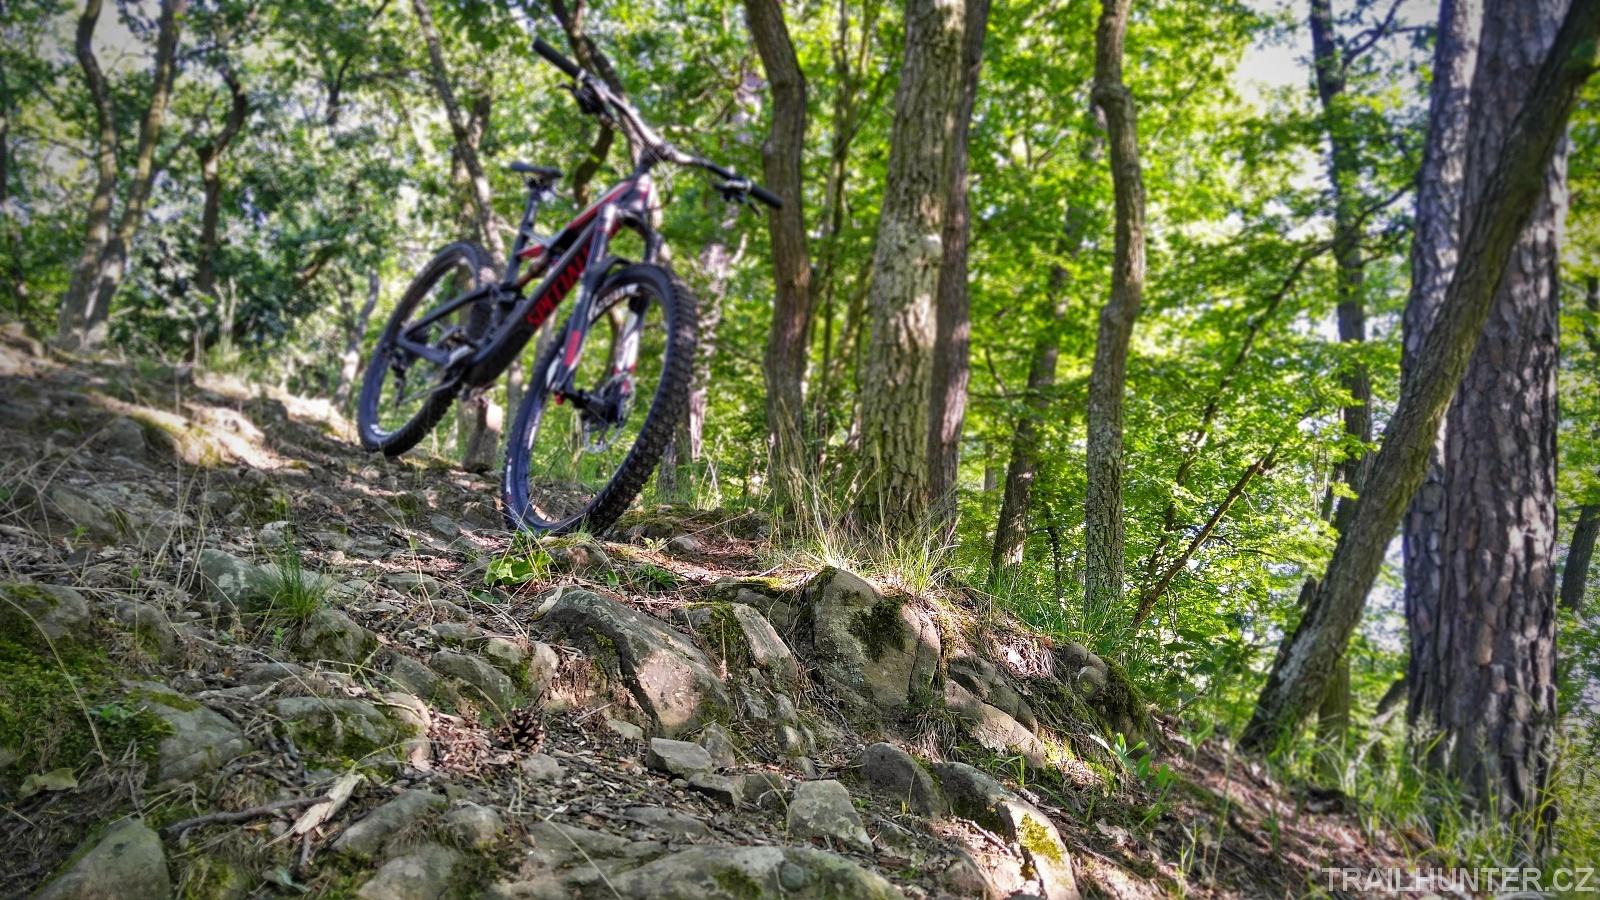 Technická část trailu obsahuje sjezd po větších kamenech v nemalém sklonu.